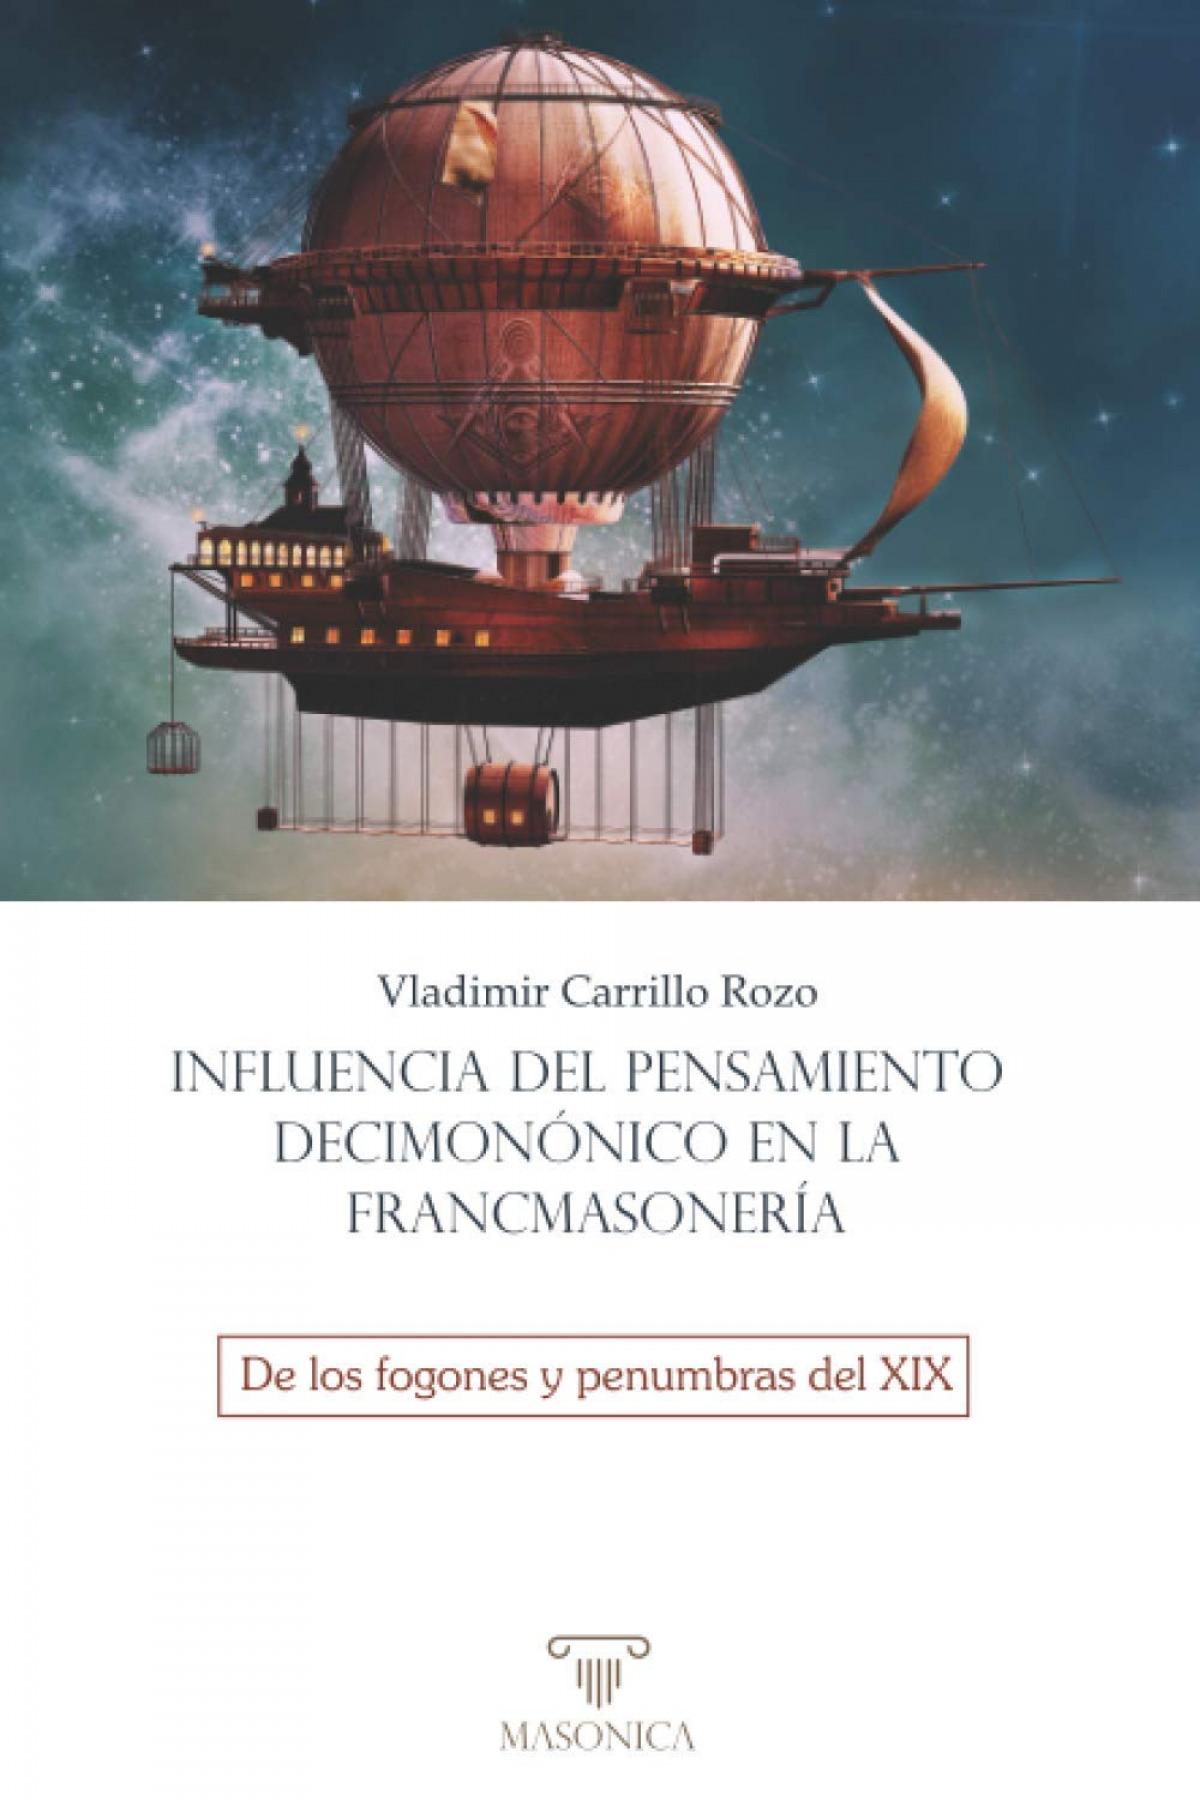 Influencia del pensamiento decimonónico en la francmasonería